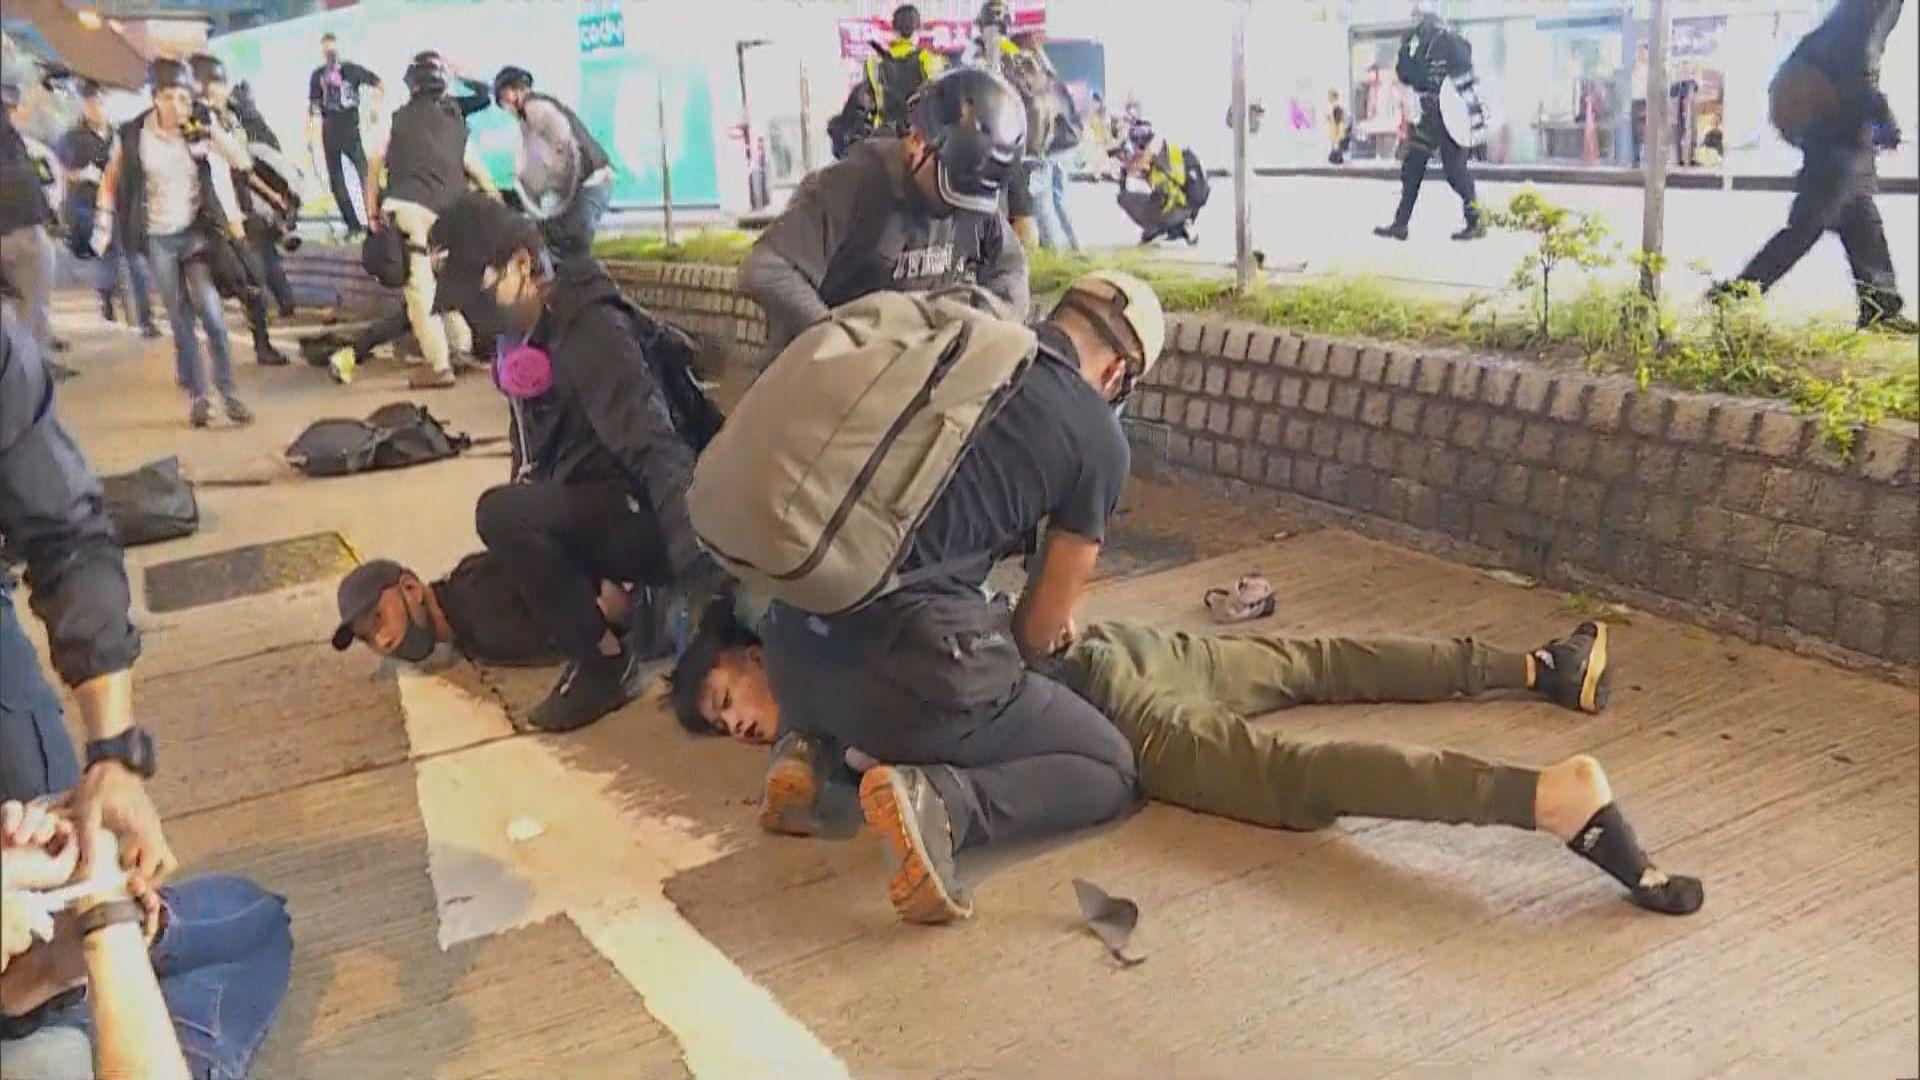 警方未有回應是否刻意以示威者打扮方便拘捕